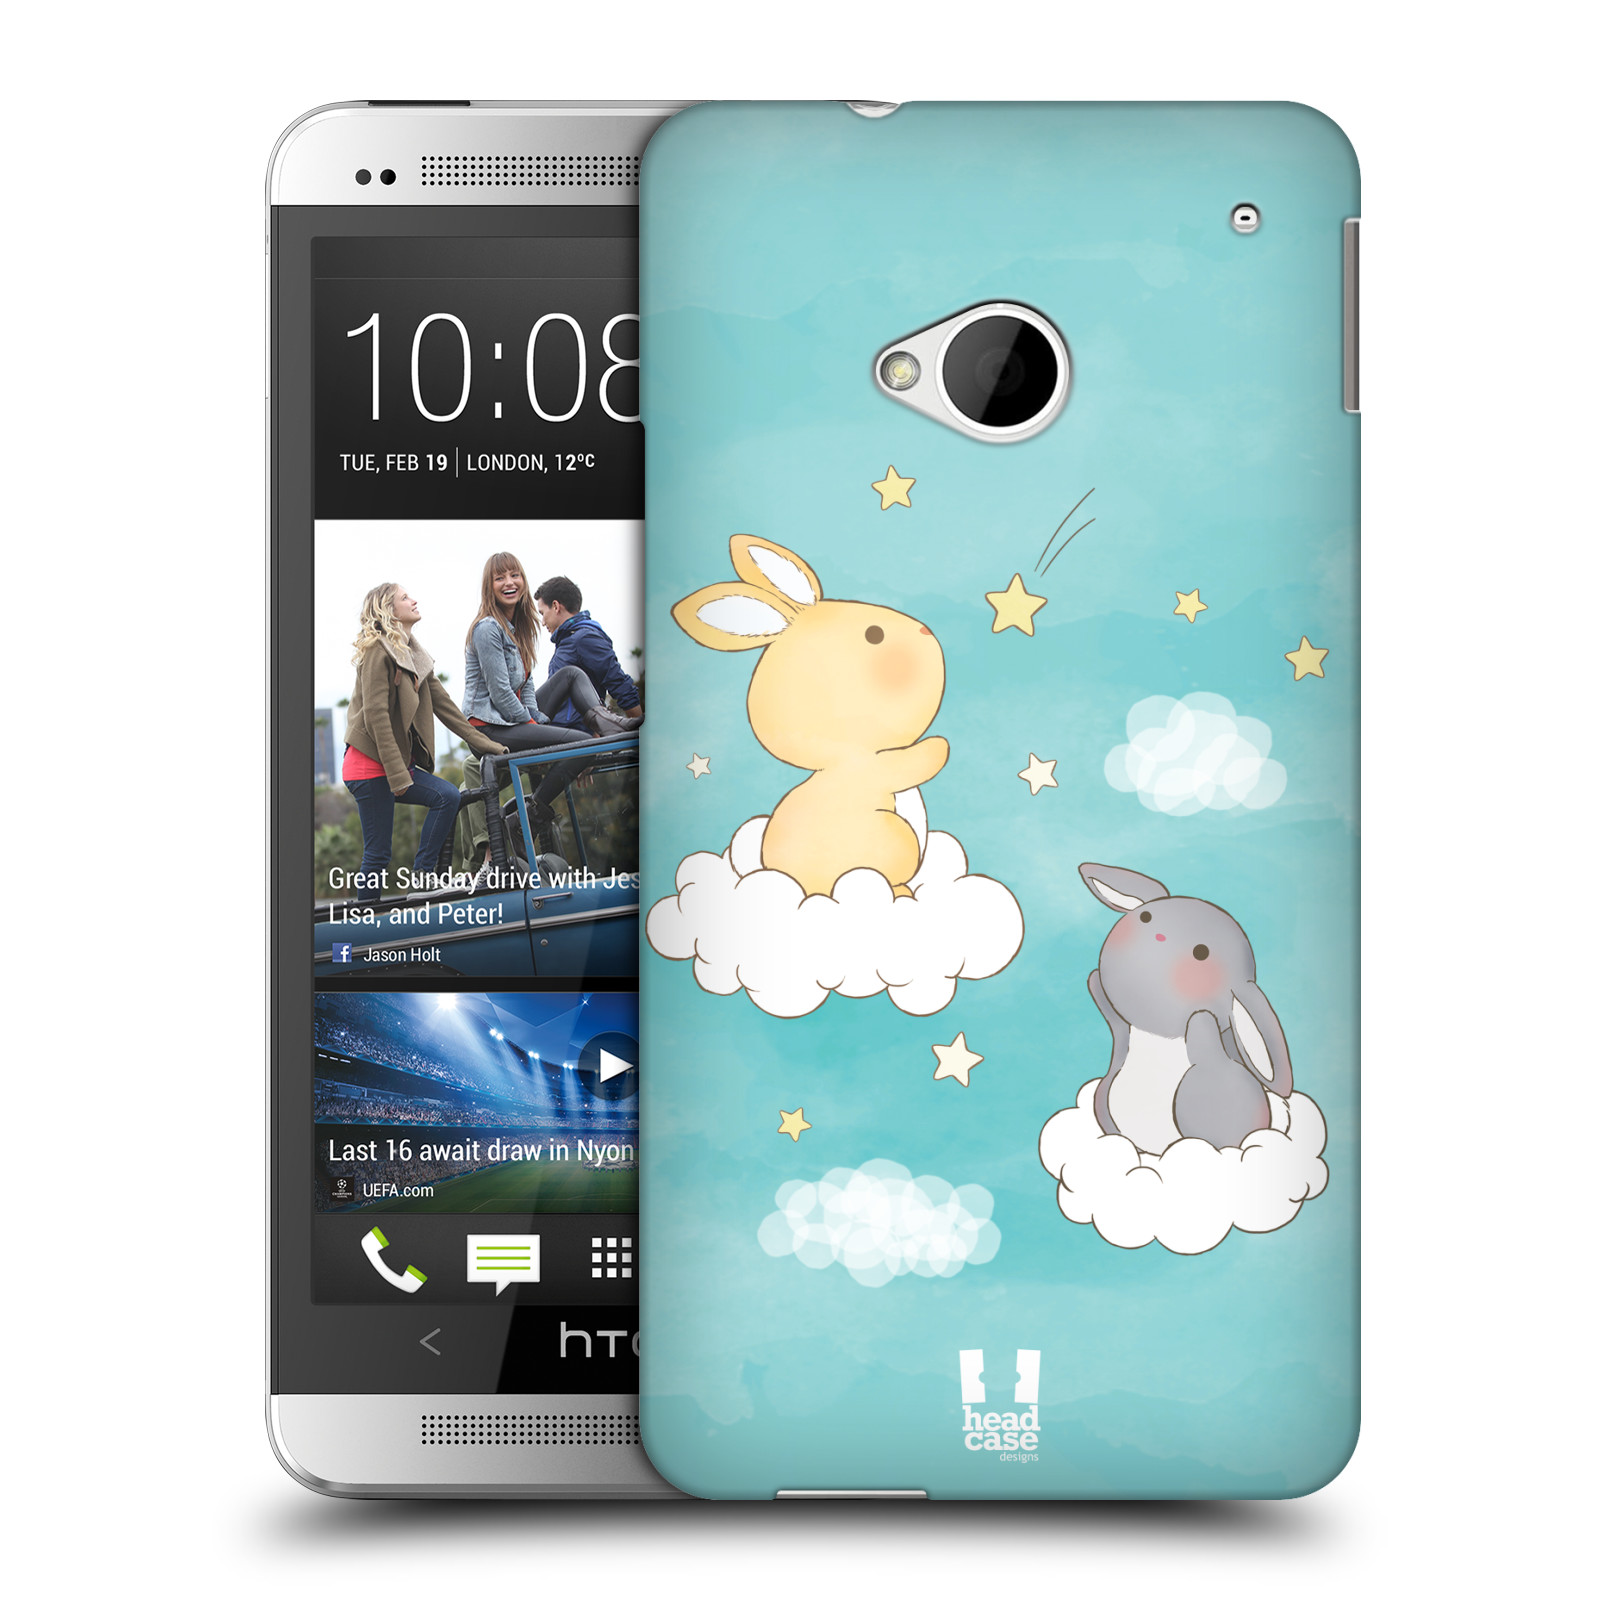 HEAD CASE plastový obal na mobil HTC One (M7) vzor králíček a hvězdy modrá